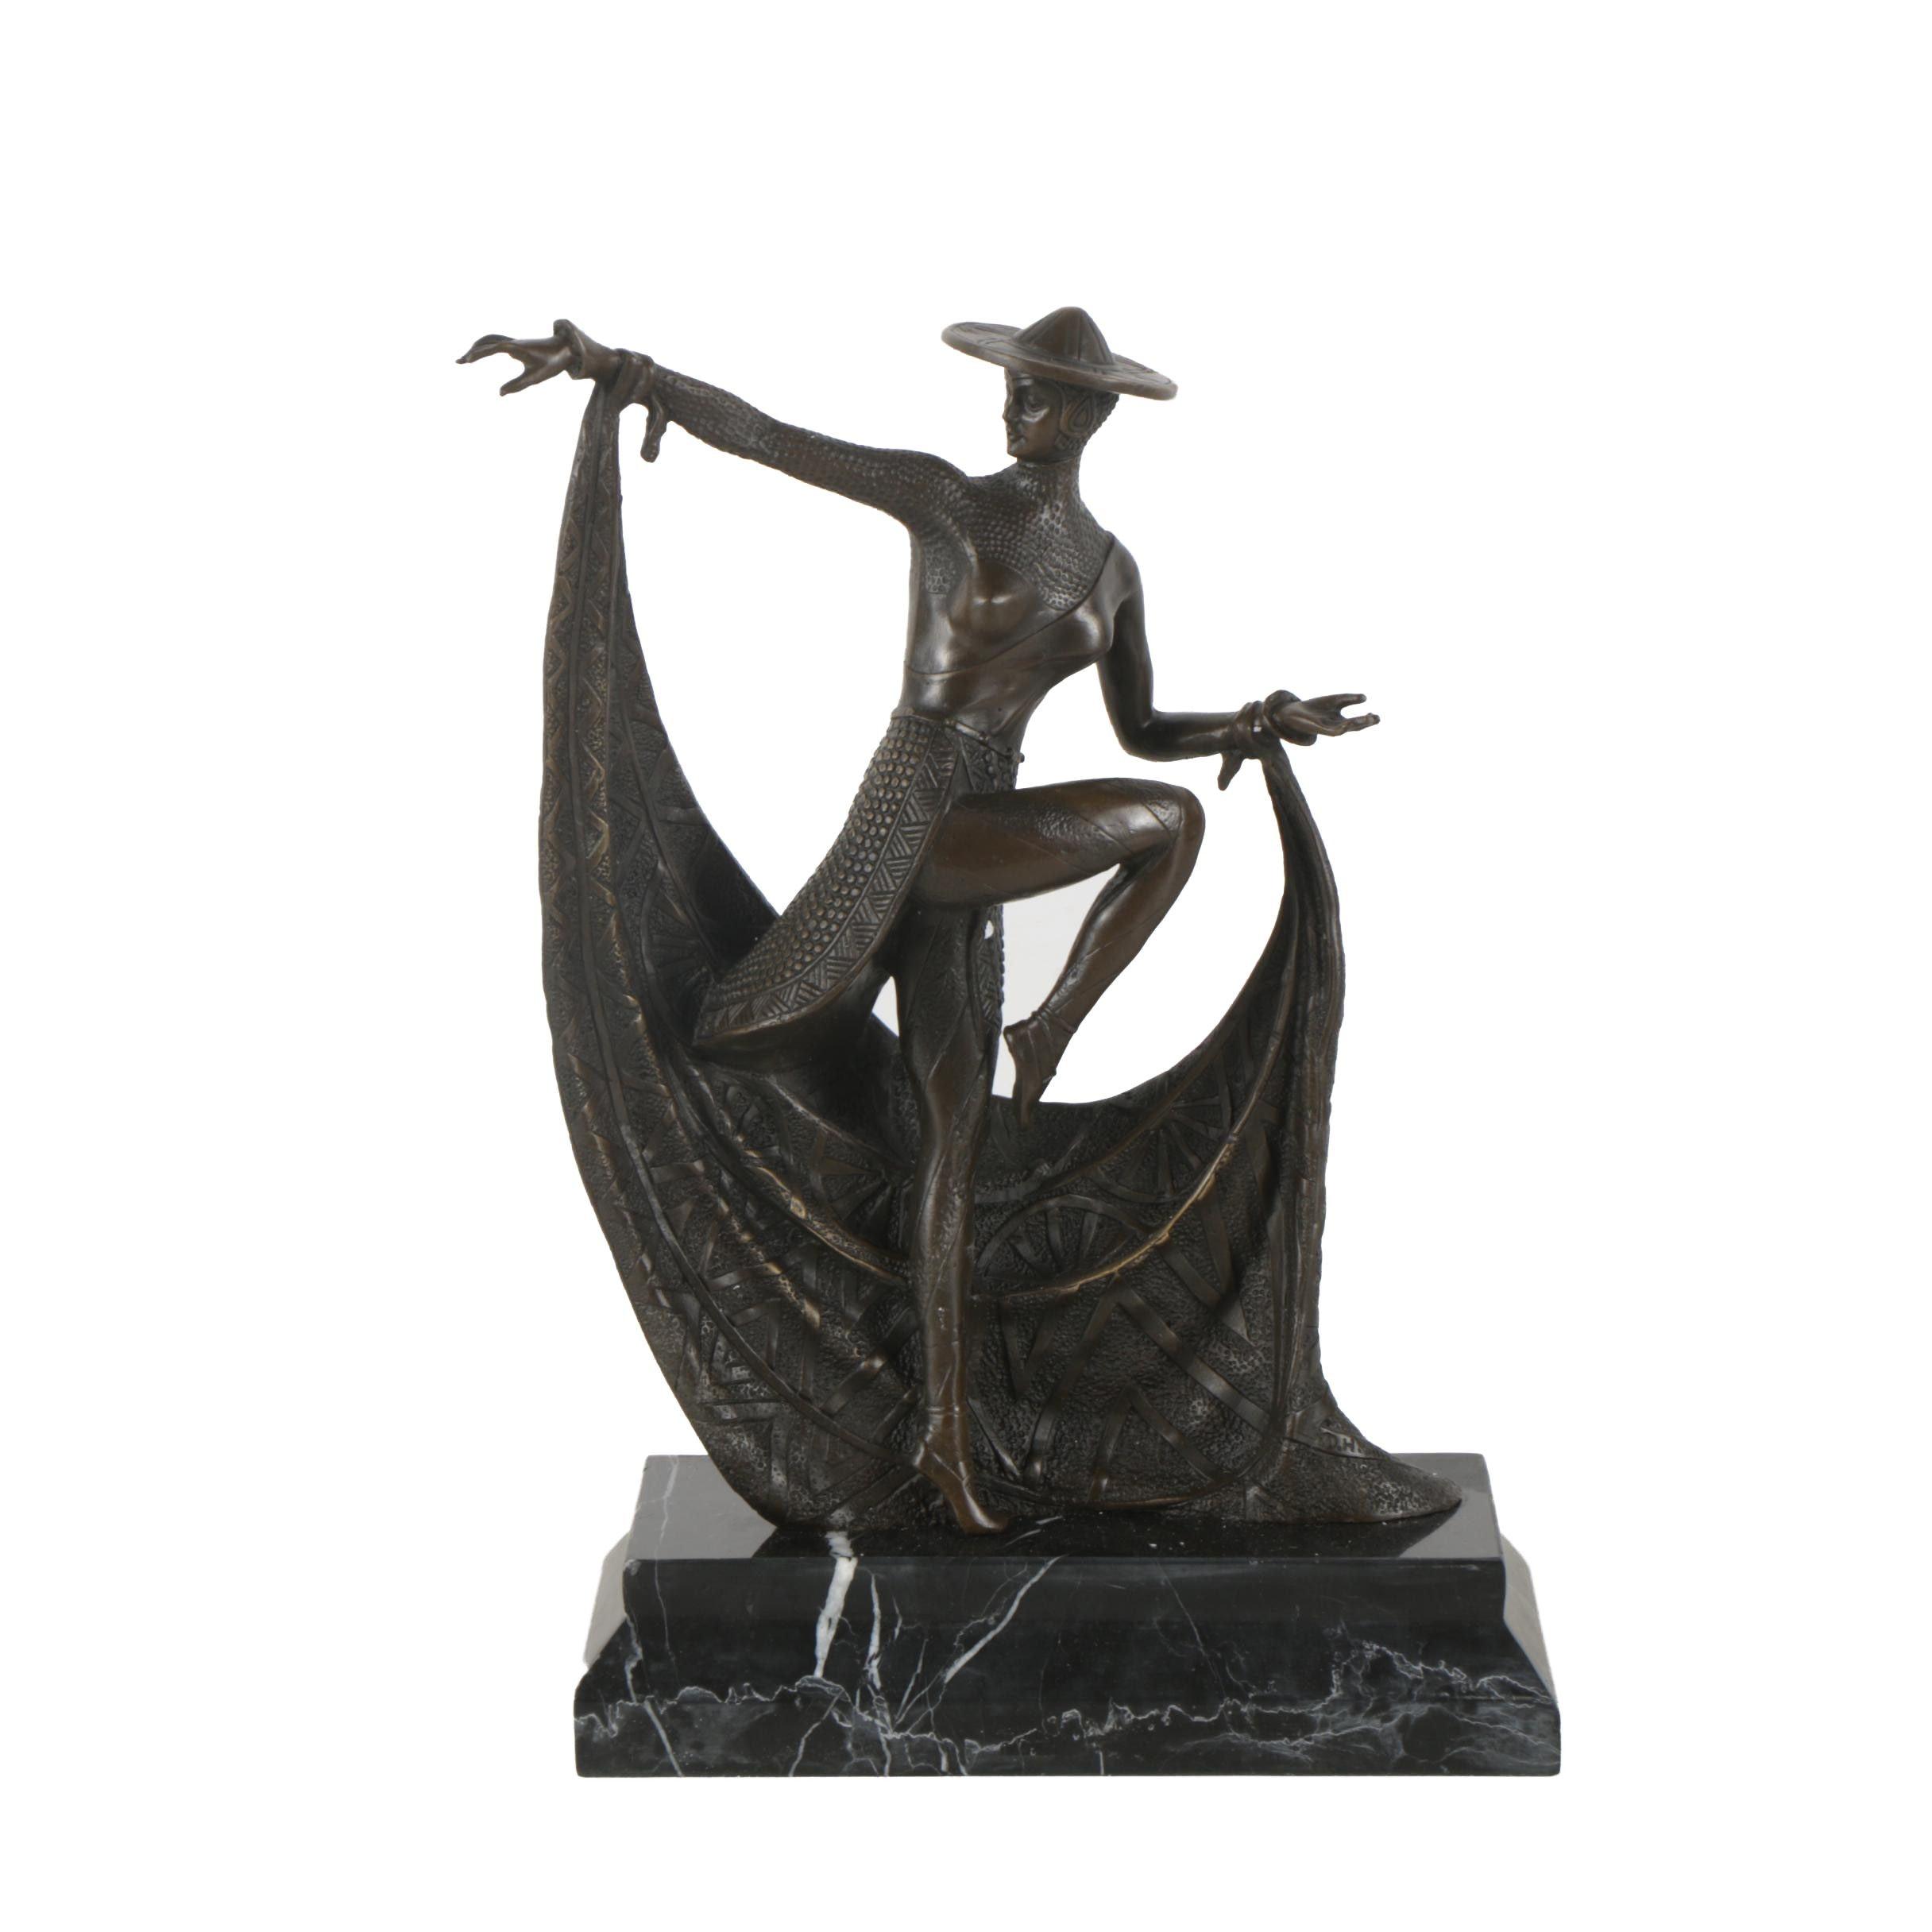 Art Deco Style Brass Sculpture After Demétre Chiparus